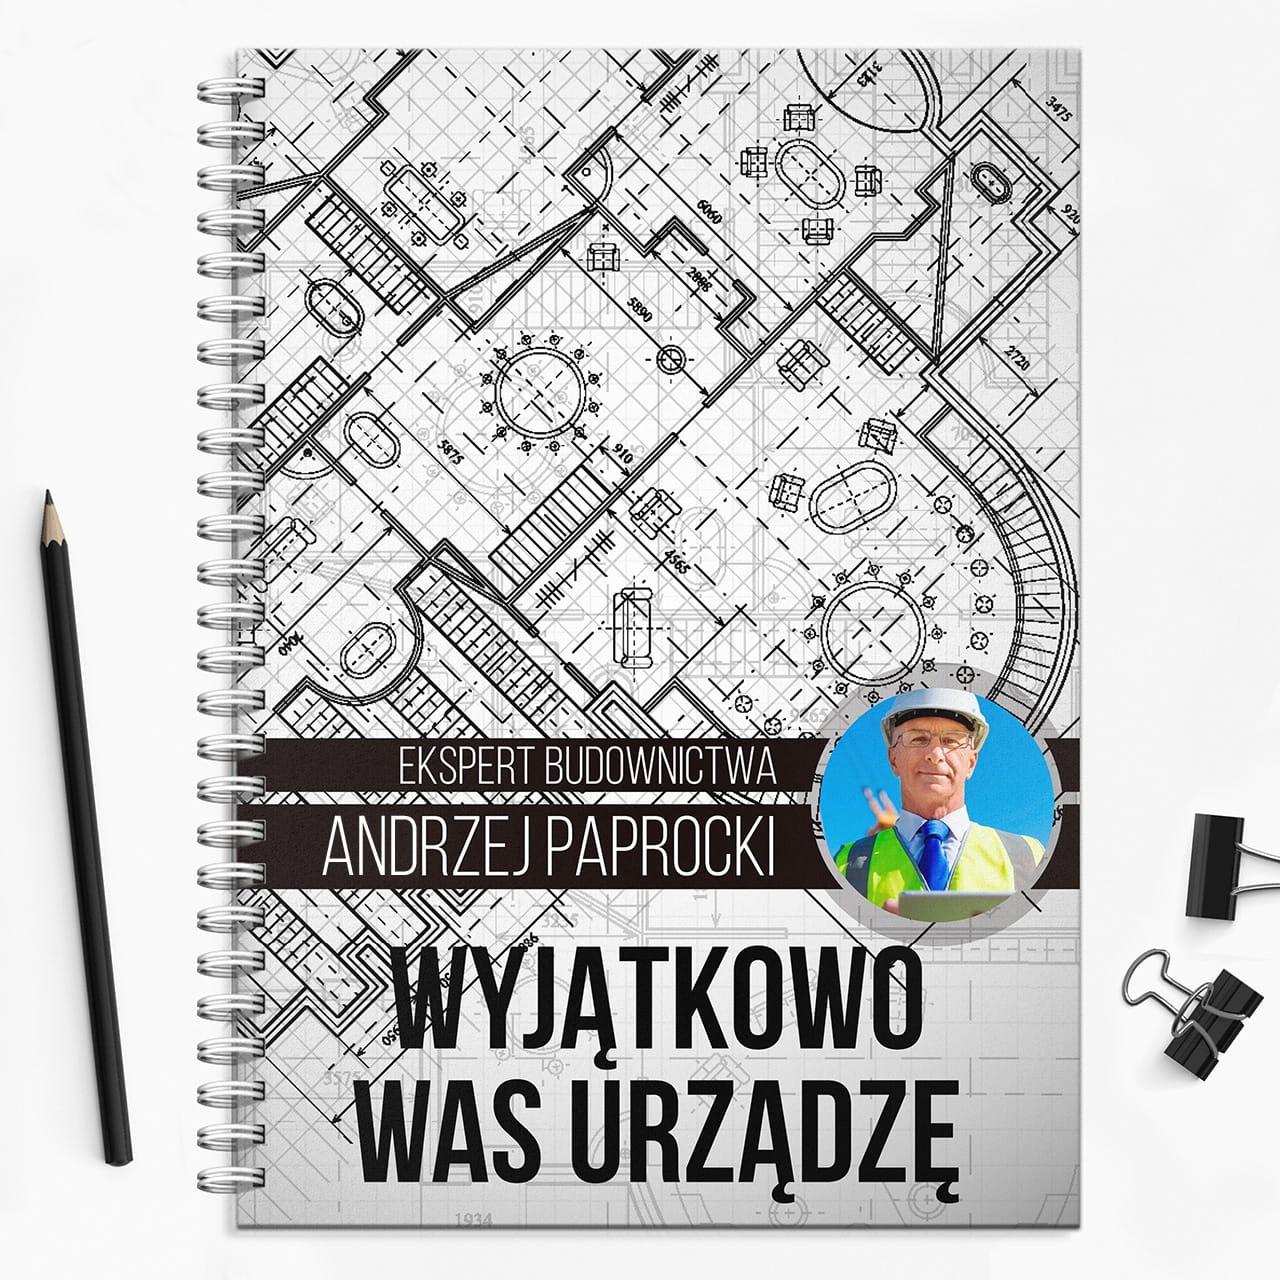 Notatnik, czyli praktyczny prezent dla architekta